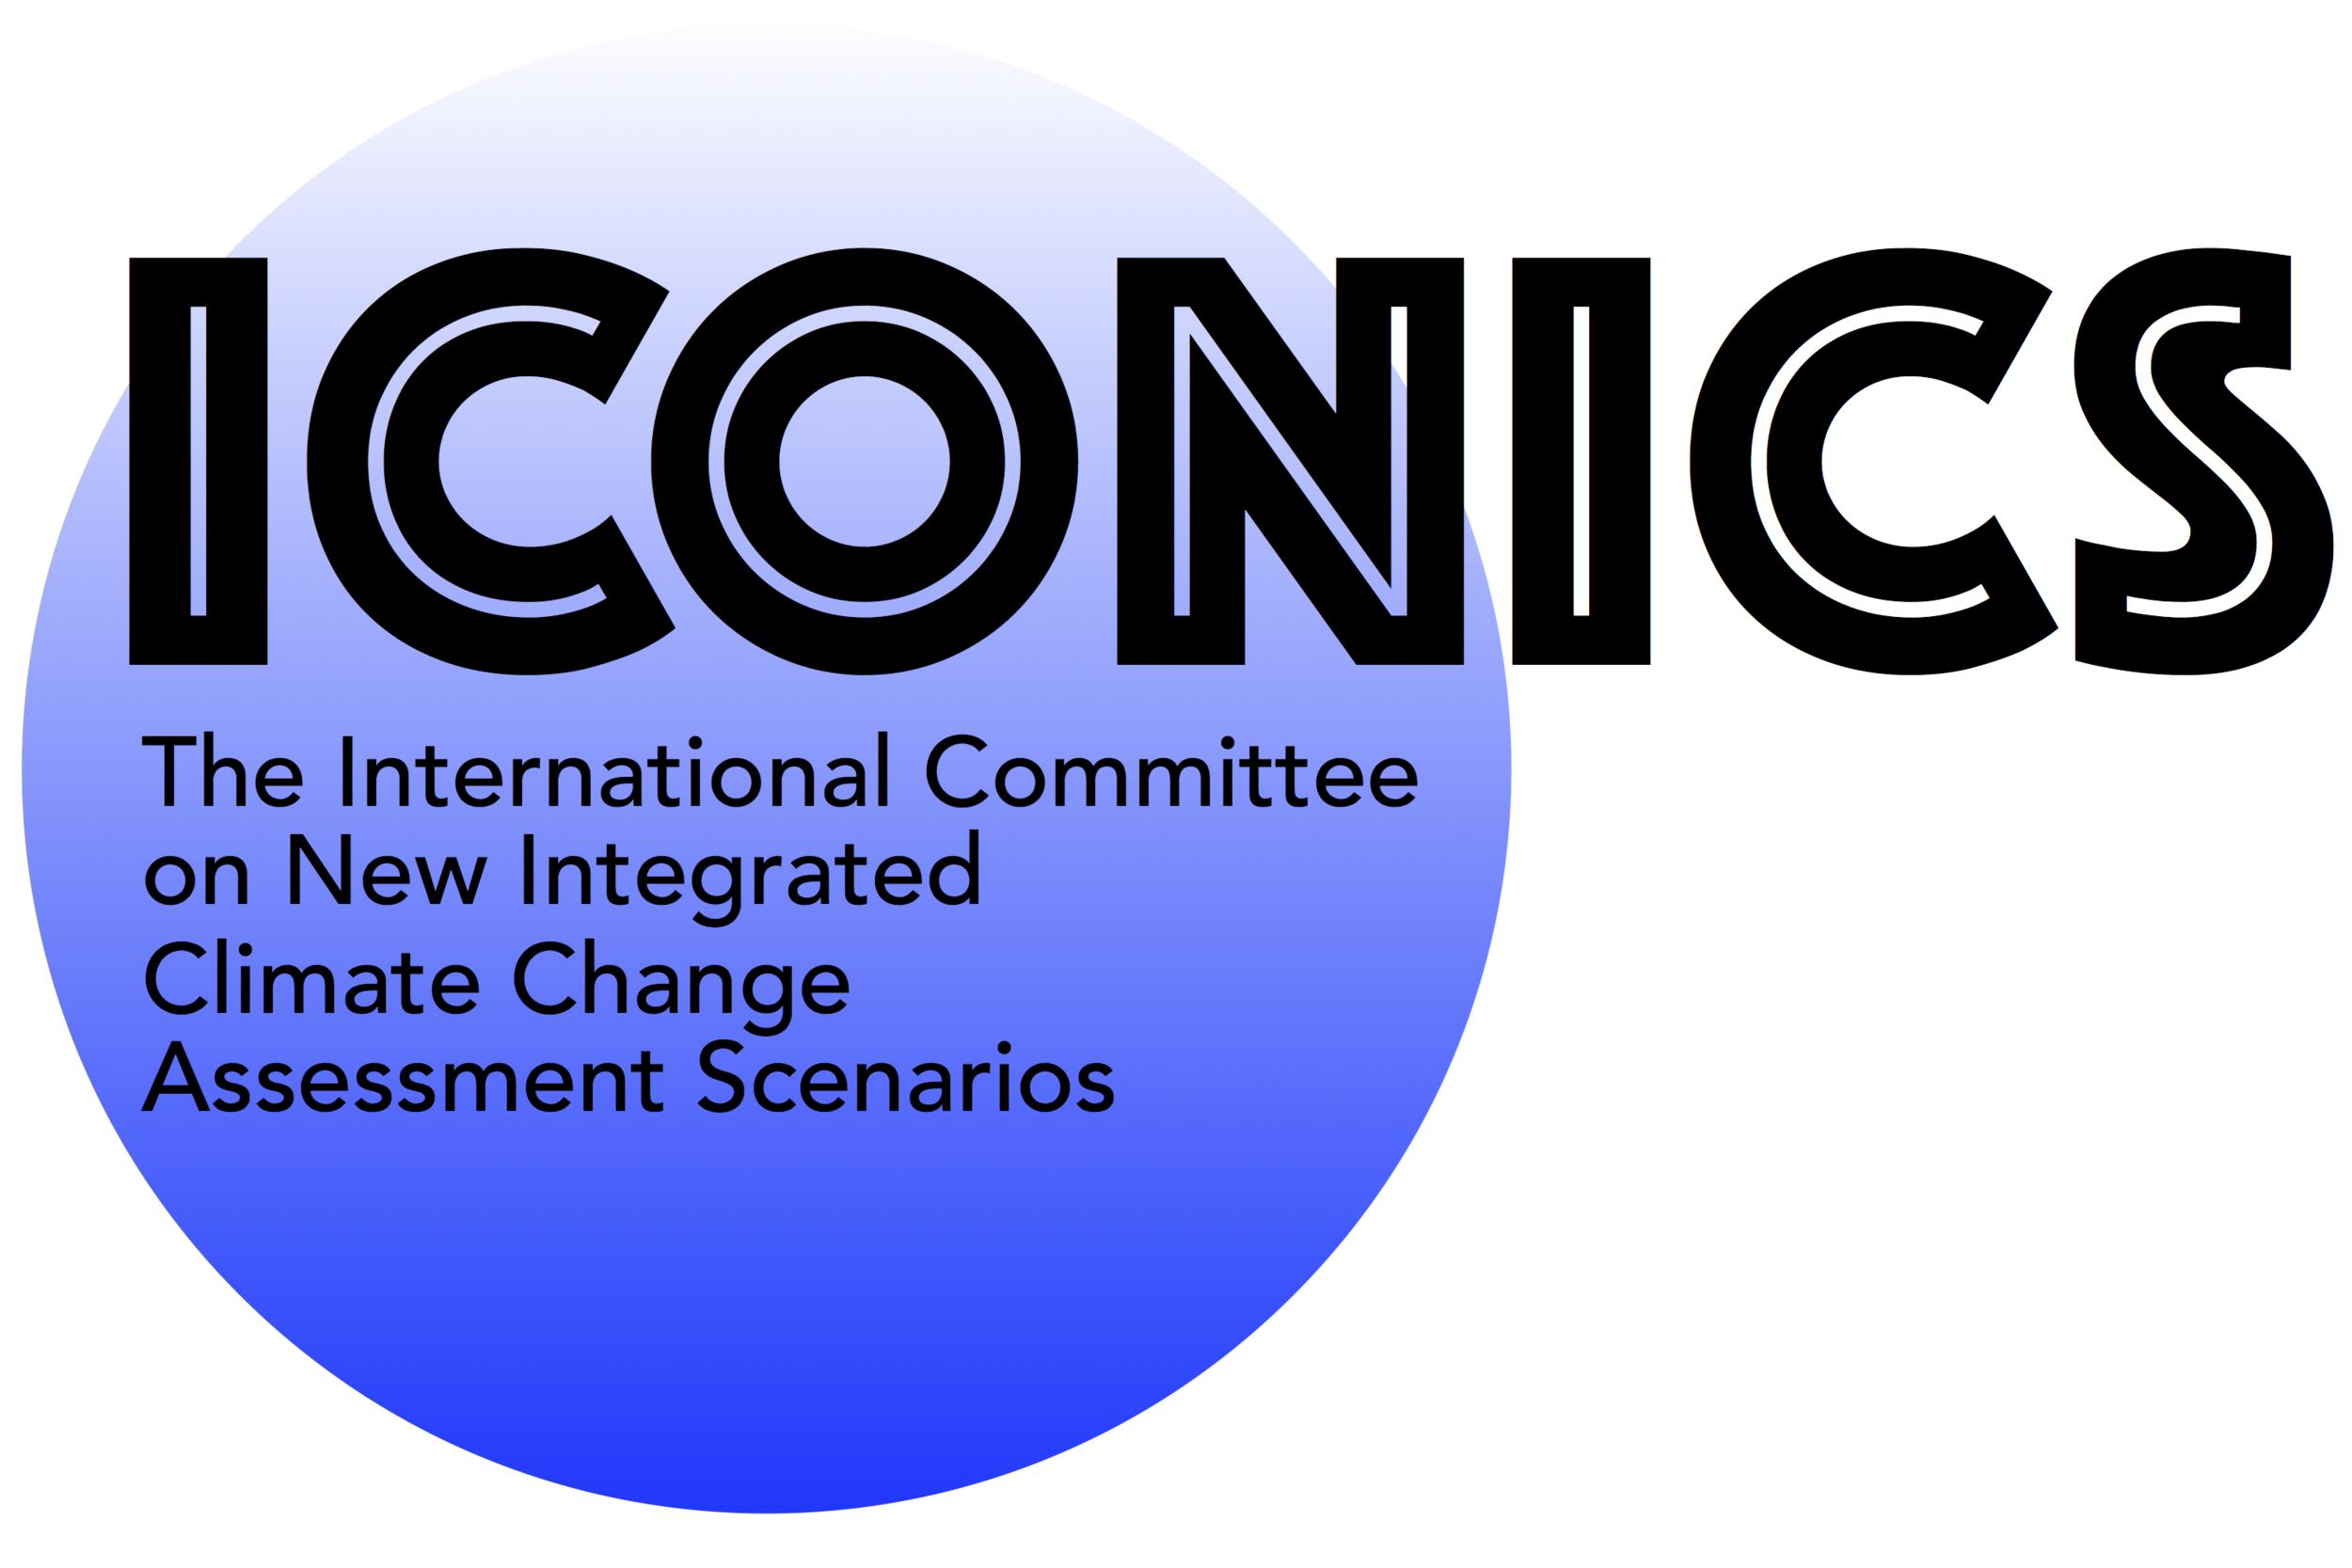 Scenarios Forum iconics logo.png